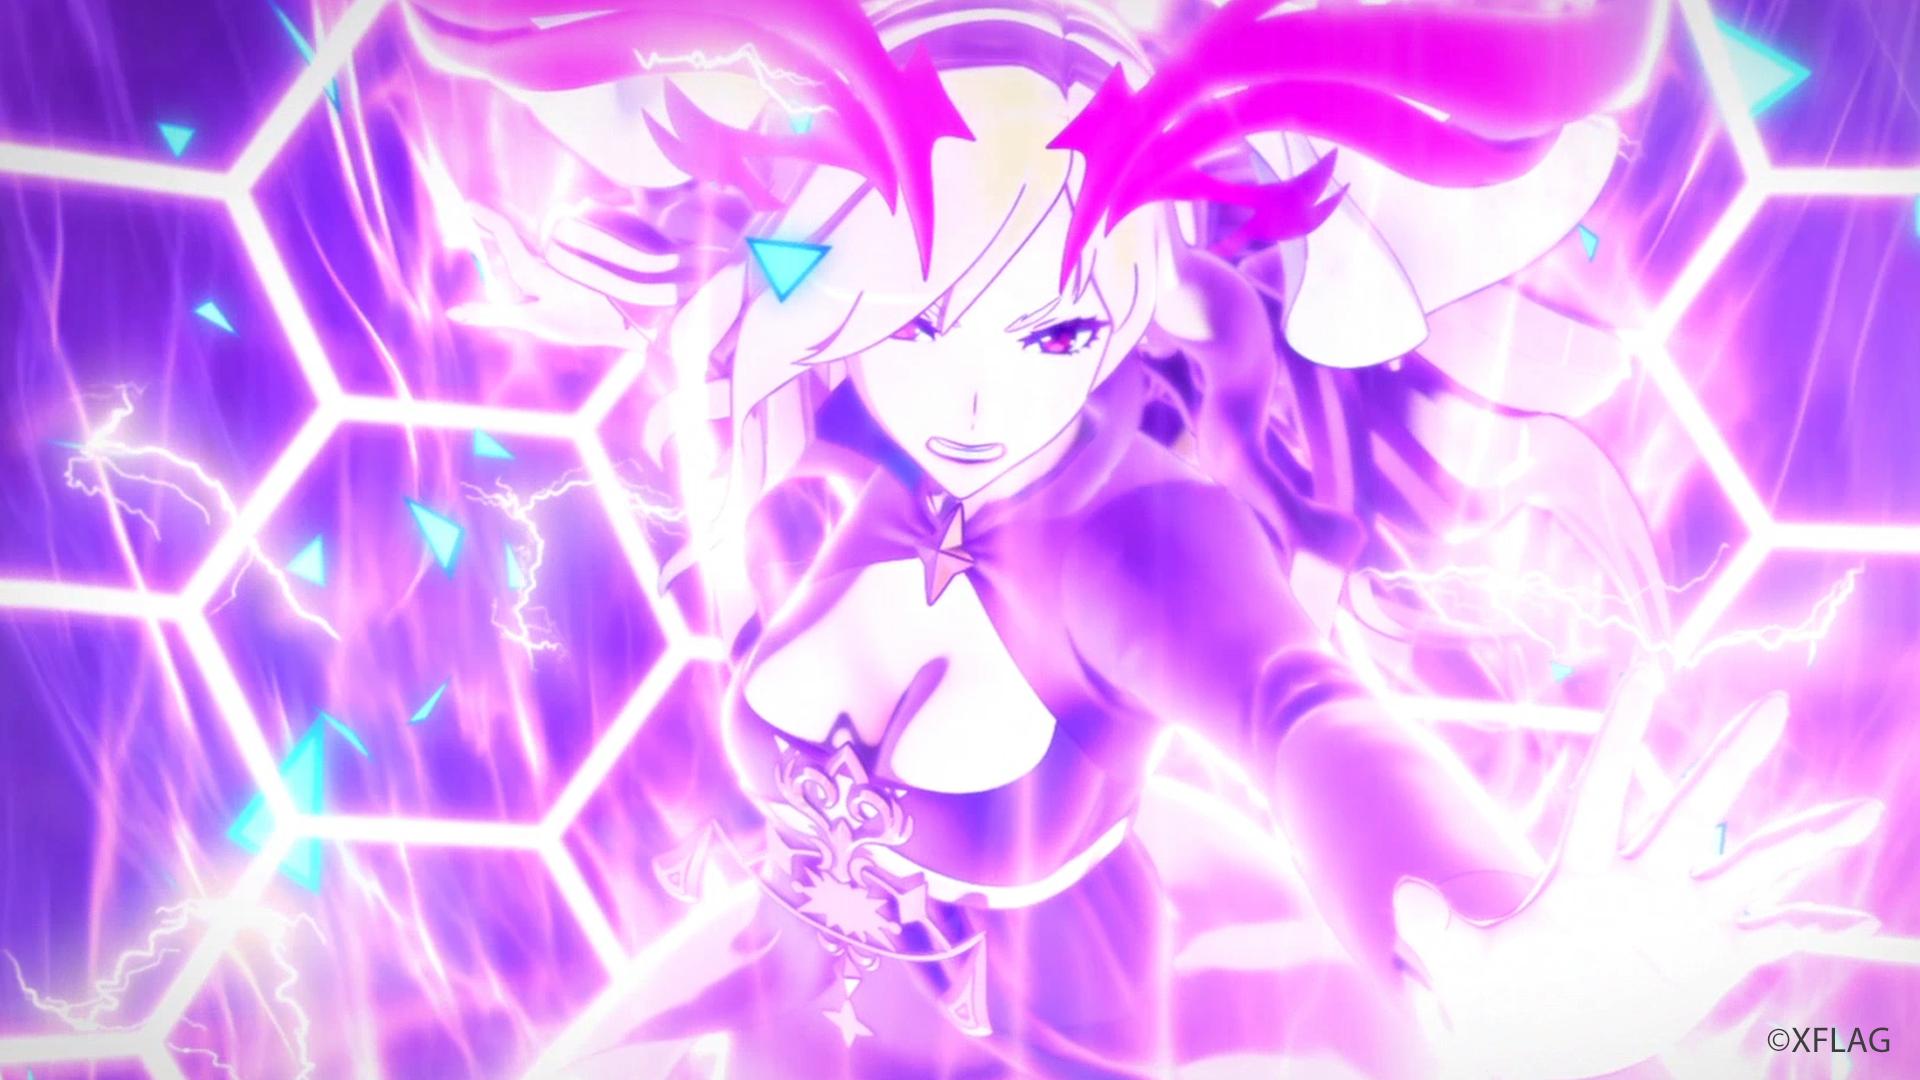 日笠陽子さんに聞く モンストアニメ の魅力 5大英雄リレー企画